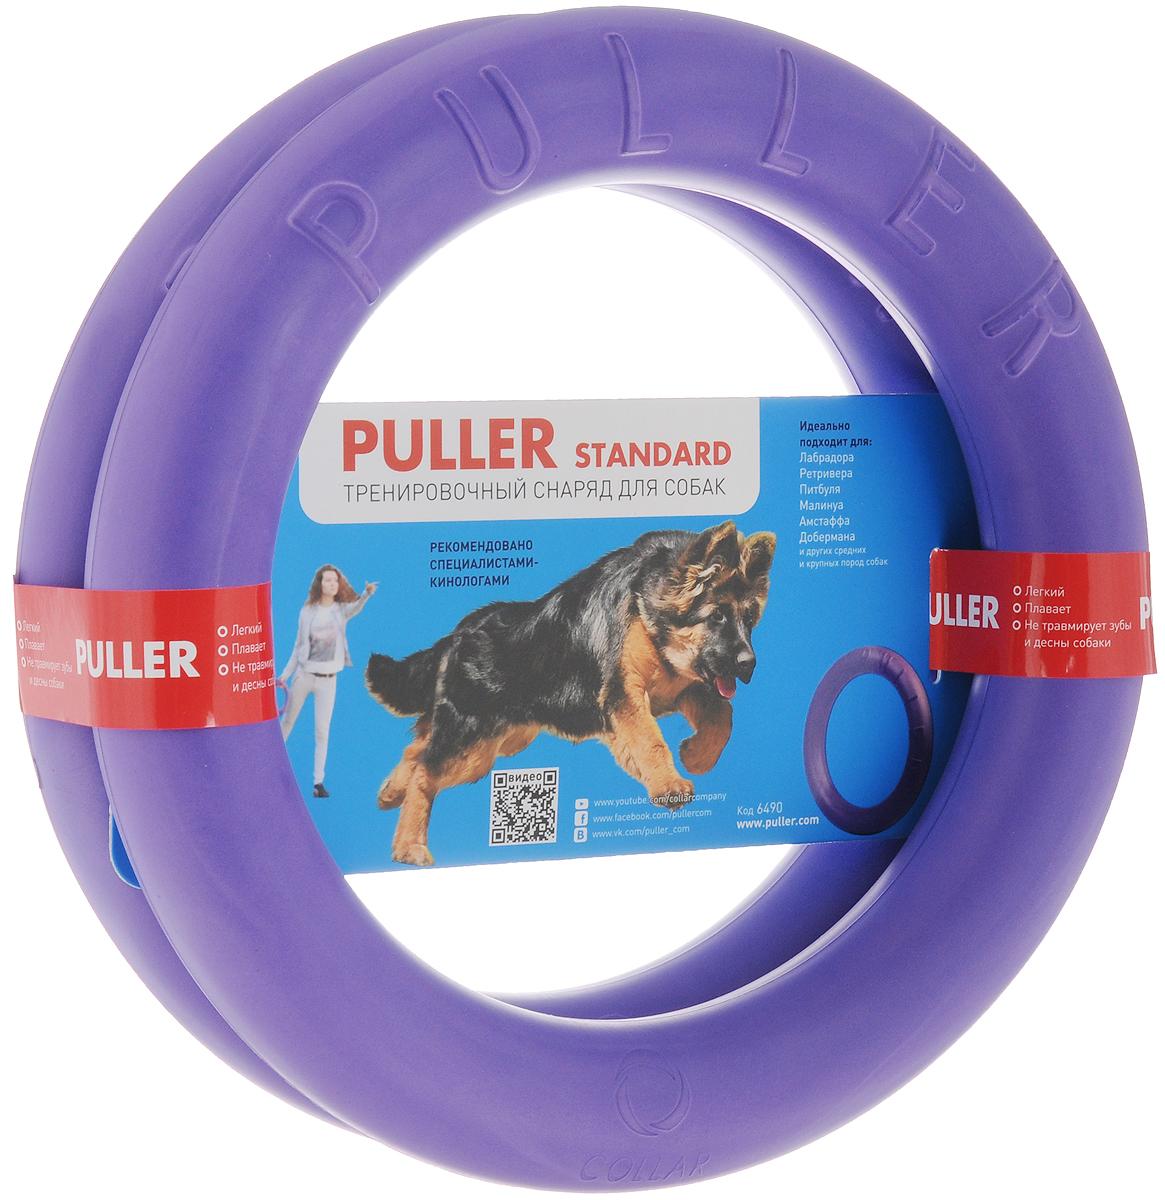 Снаряд тренировочный Puller Standard, цвет: фиолетовый, диаметр 27 см6490Тренировочный снаряд Puller Standard предназначен для мелких и декоративных пород собак. Puller Standard укрепляет здоровье собаки и делает ее более послушной. Puller (Пуллер) - тренировочный снаряд для собак, состоящий из двух колец. Его задача - дать собаке необходимую физическую нагрузку, не увеличивая время выгула, а улучшая качество самой прогулки. Три простых упражнения с пуллером в течение всего 20 минут дадут нагрузку собаке равную 5 км бега. А это поможет решить такие частые проблемы как непослушание, порча предметов интерьера, излишняя агрессия, ожирение у собаки, болезни опорно-двигательного аппарата. Подходит для таких пород собак как: - лабрадор, - ретривер, - питбуль, - малинуа, - амстафф, - доберман. ПРЕИМУЩЕСТВА. Легкий. Позволяет владельцу тренировать собаку продолжительное время. Плавает. Благодаря уникальному материалу снаряд держится на воде, хорошо виден собаке и хозяину. ...